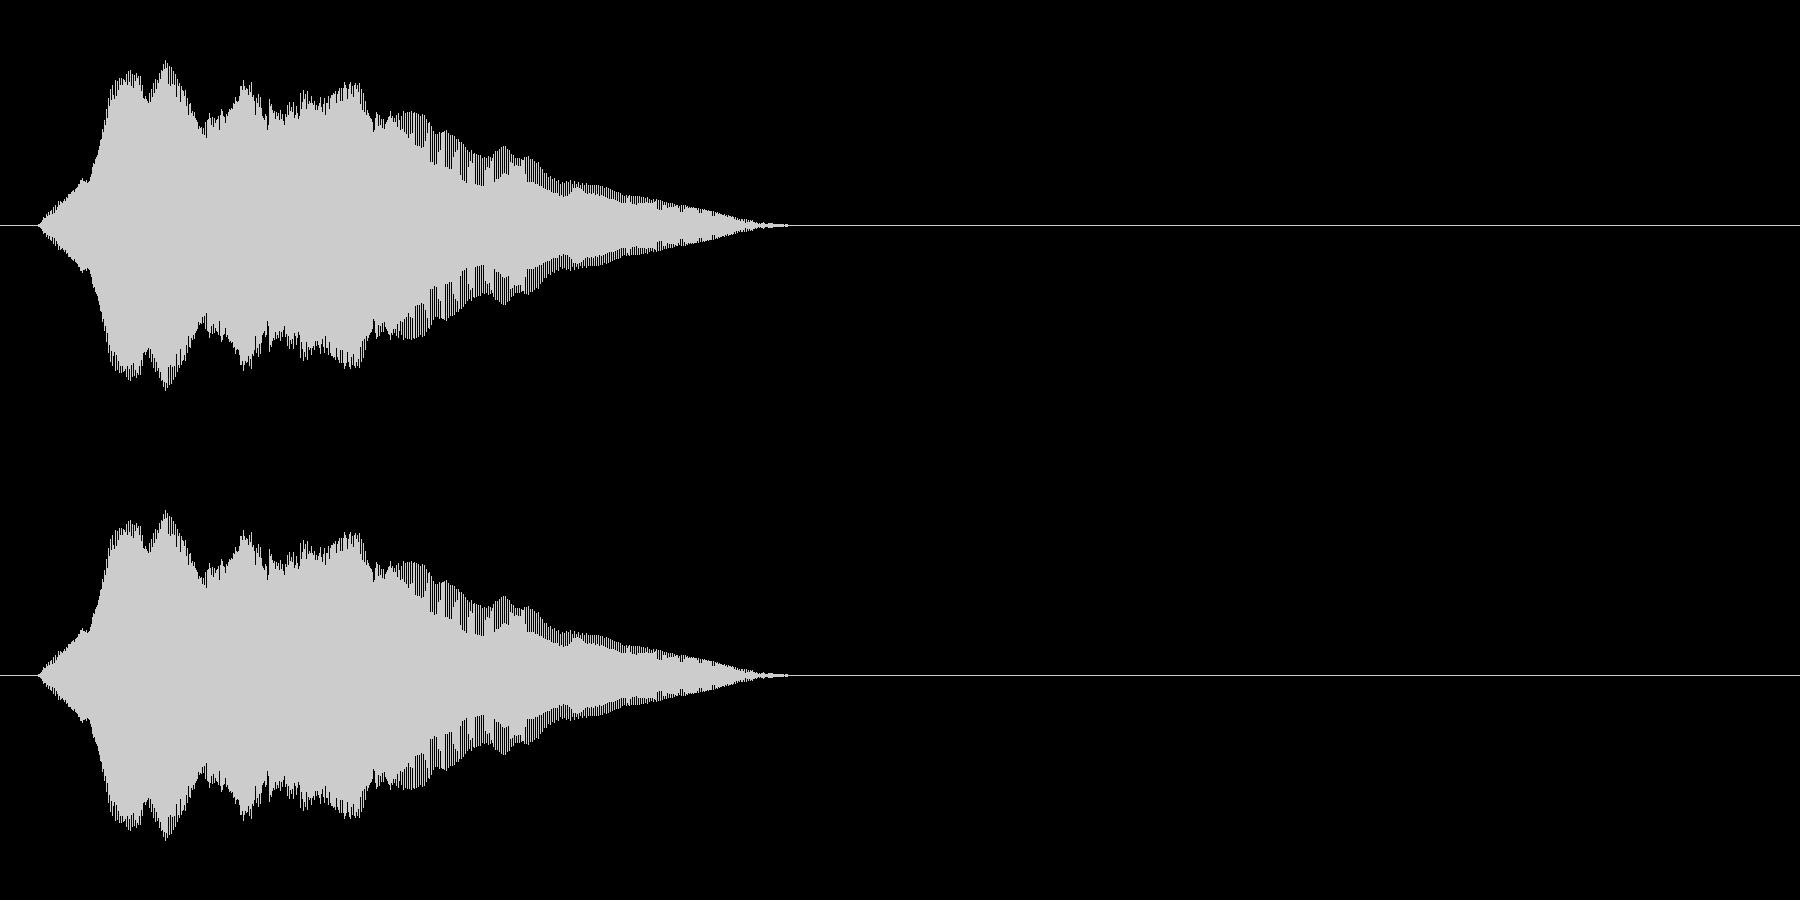 にゃーん(猫の鳴き声)パート05の未再生の波形